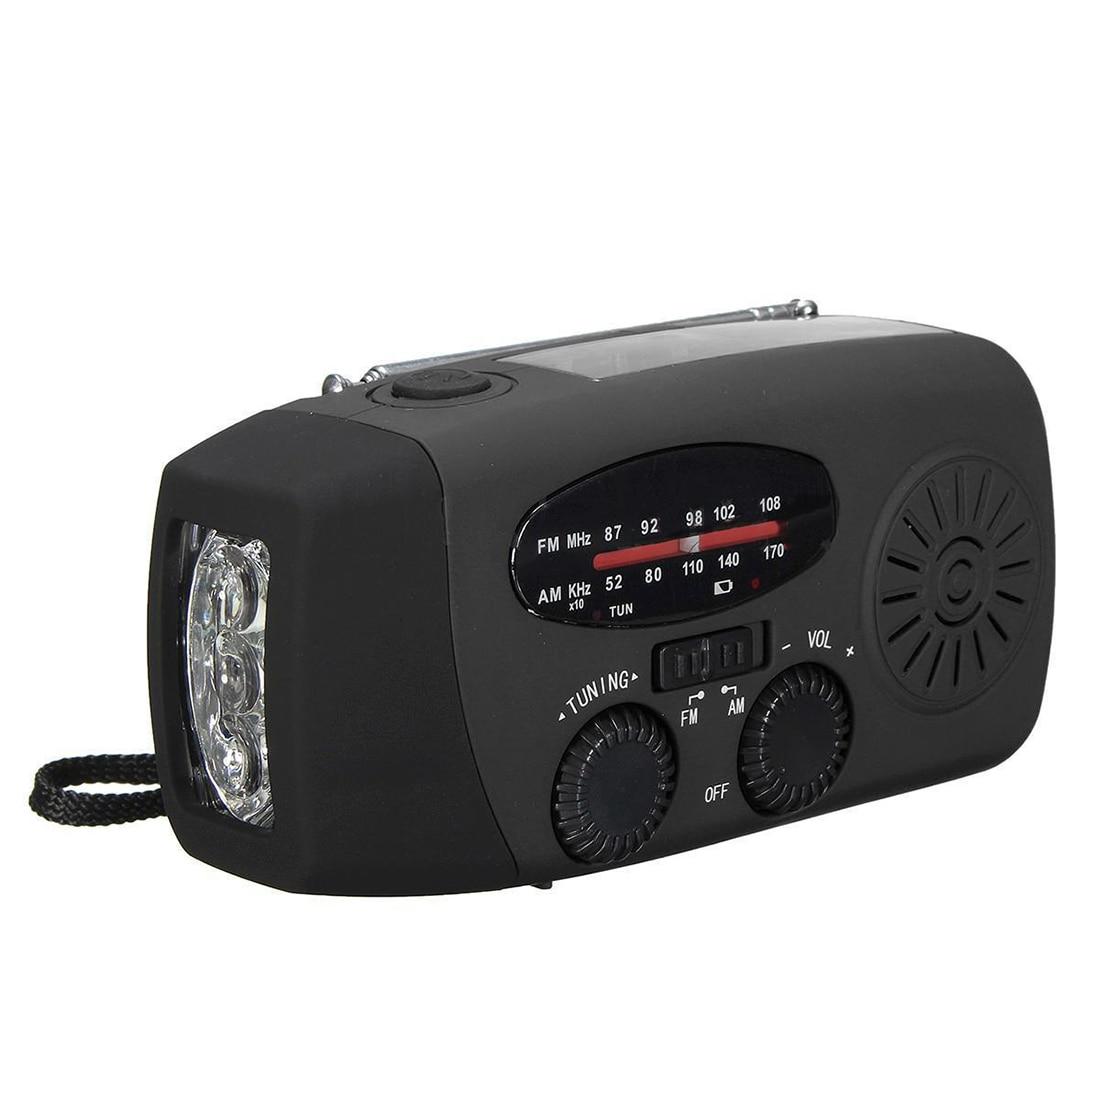 Wasserdichte Tragbare Hand Crank Solar Radio Am/fm 3 Led Taschenlampe Telefon Ladegerät Schwarz Unterhaltungselektronik Tragbares Audio & Video